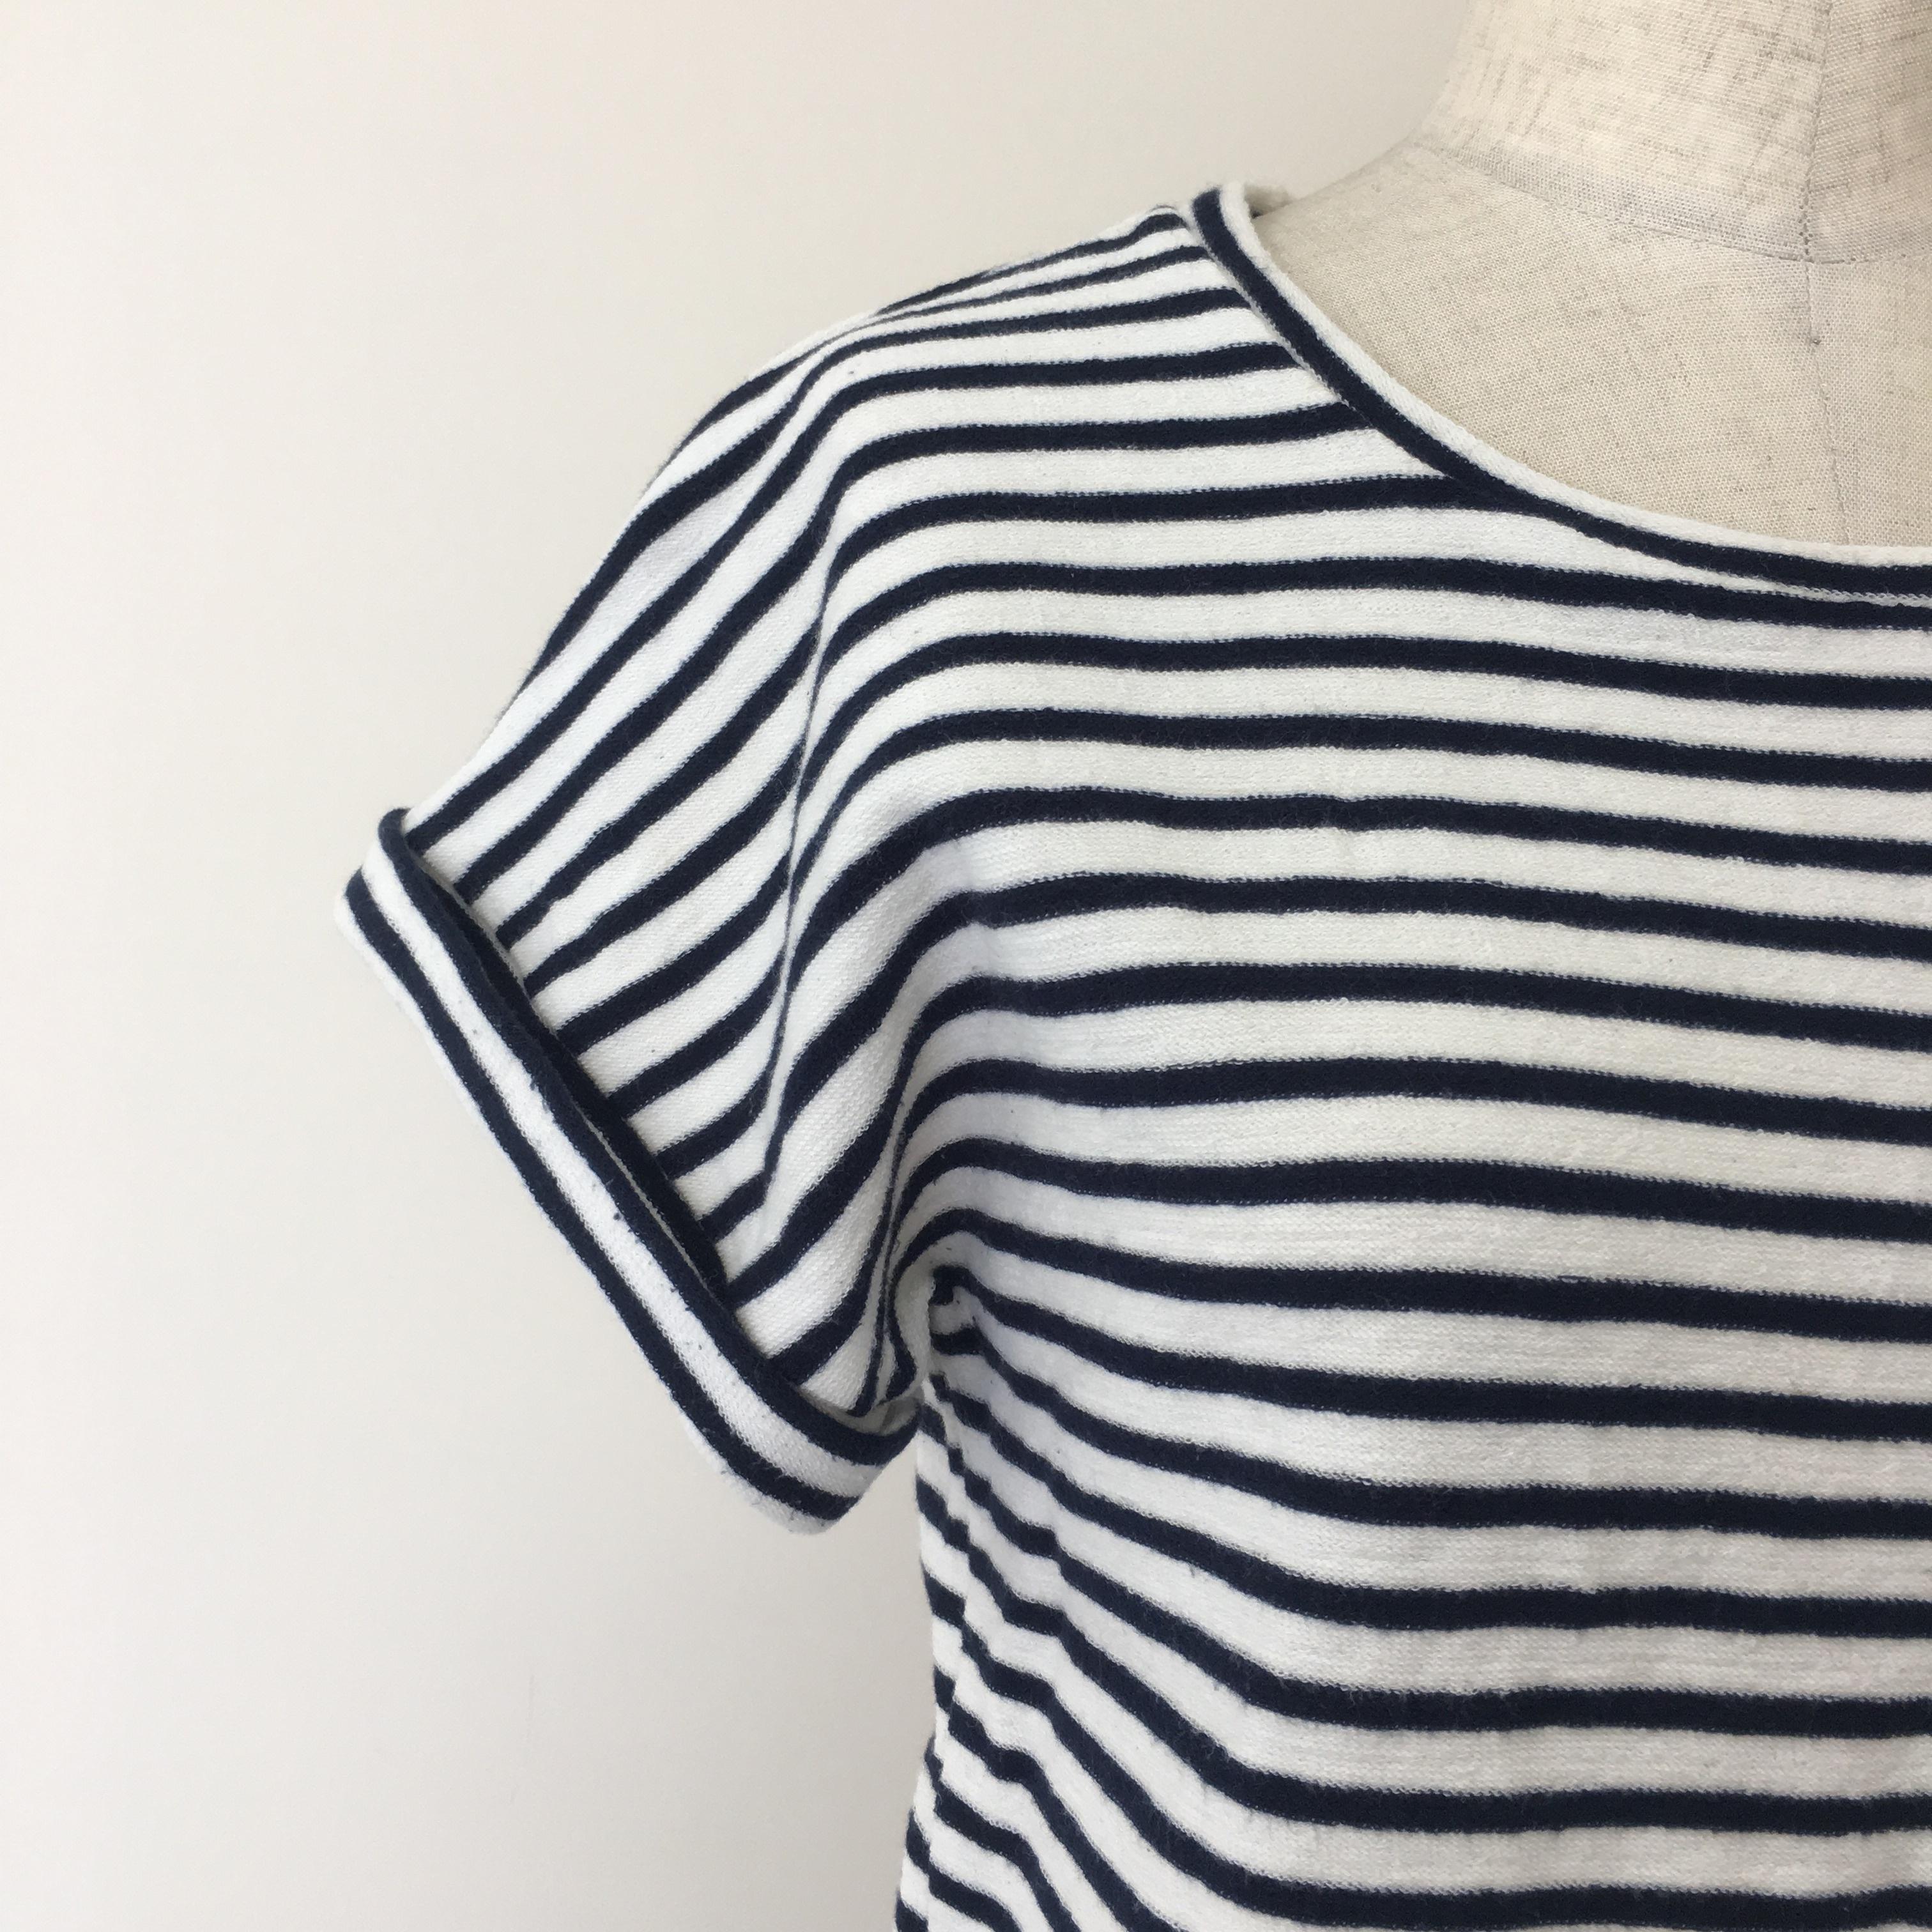 W012フレンチスリーブTシャツのキット